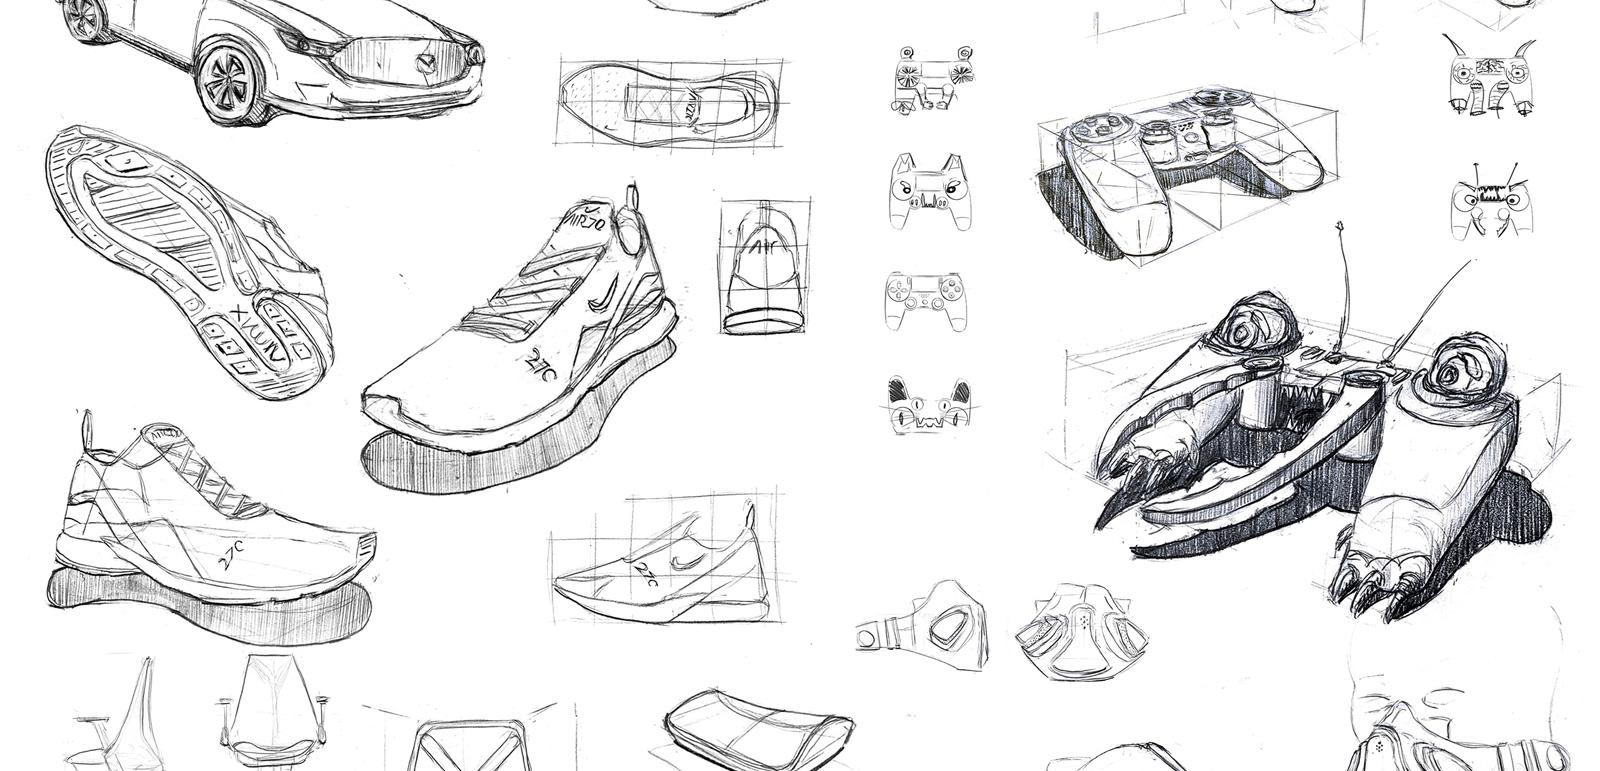 Keagan | Sketches